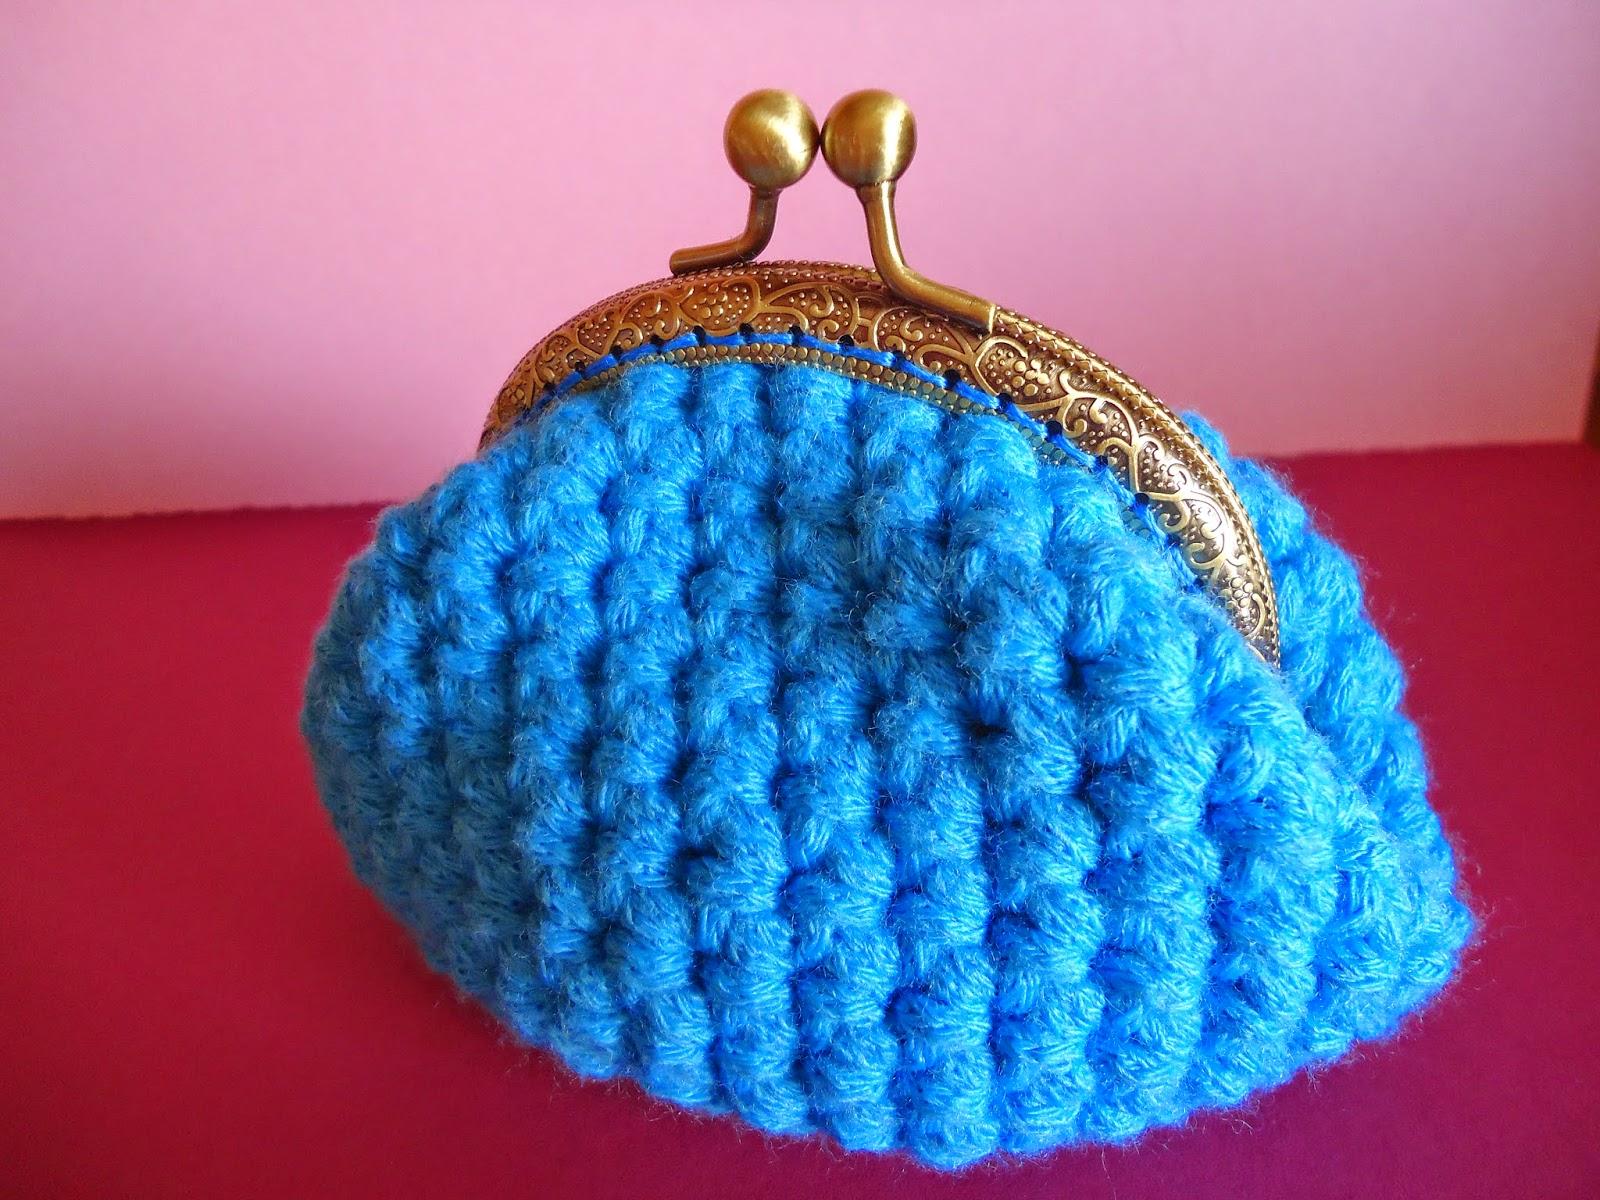 Monedero a crochet con boquilla crochet purse handbox for Monedero ganchillo boquilla ovalada